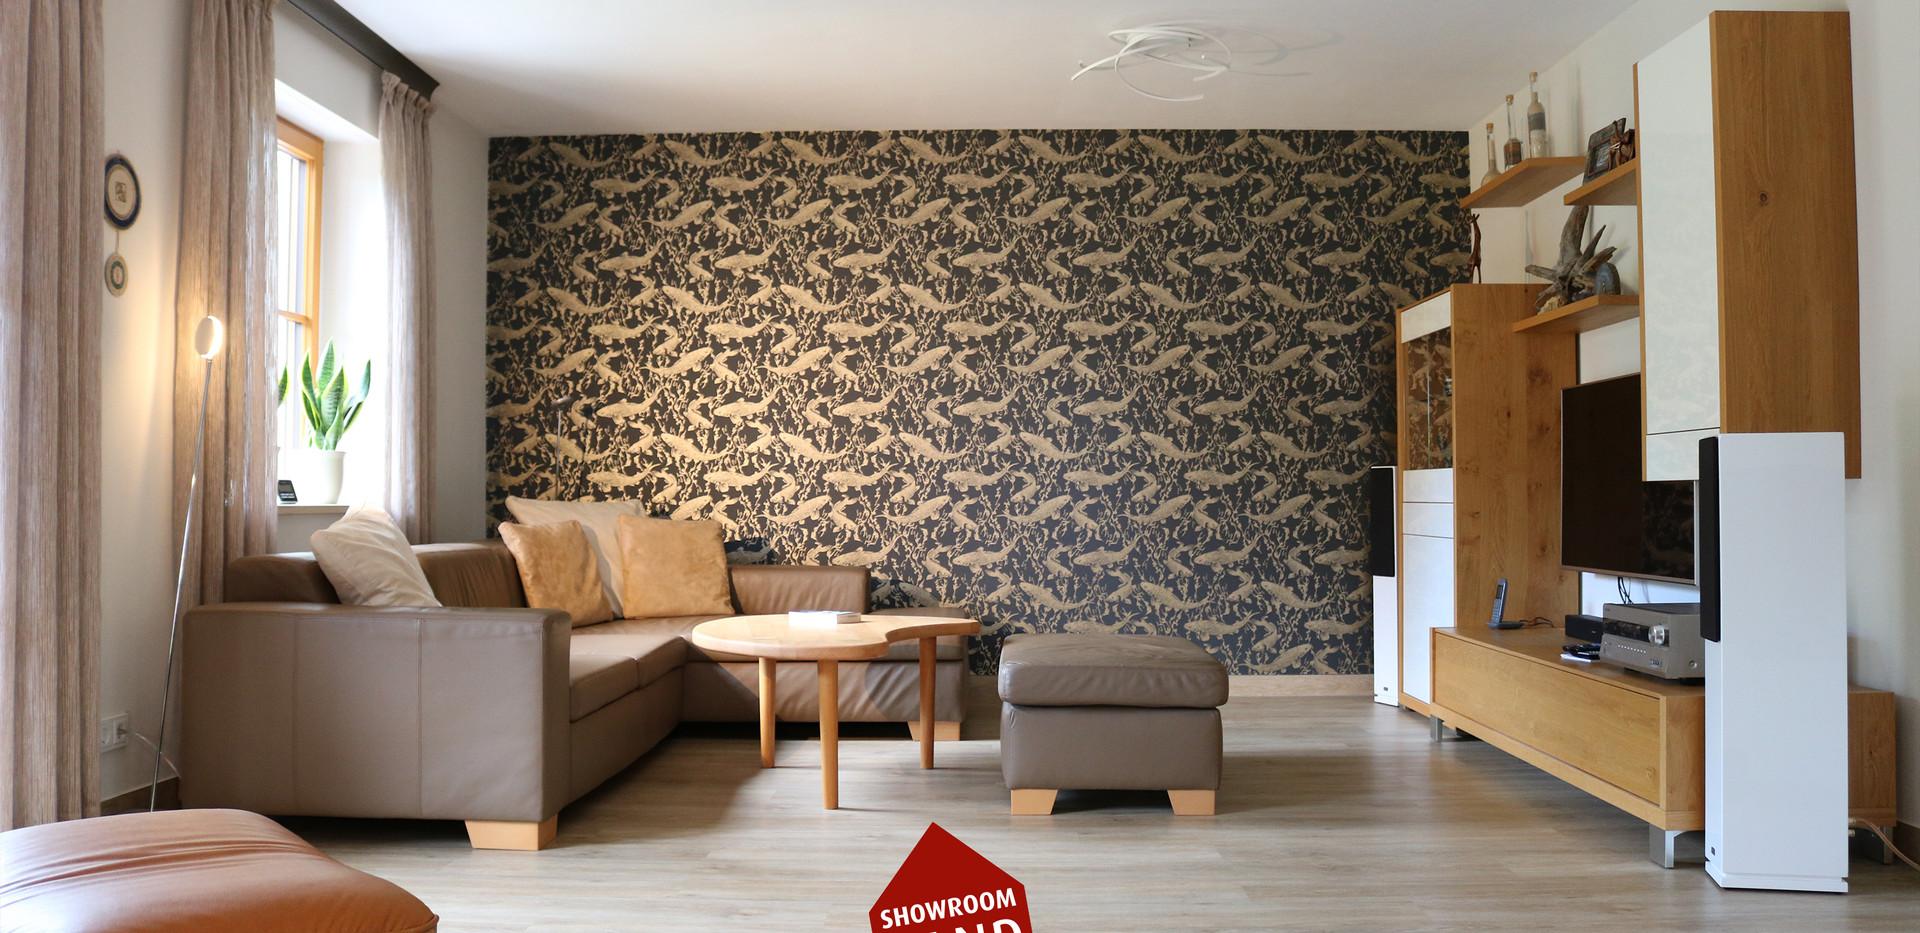 Tapete aus Gold im Wohnzimmer